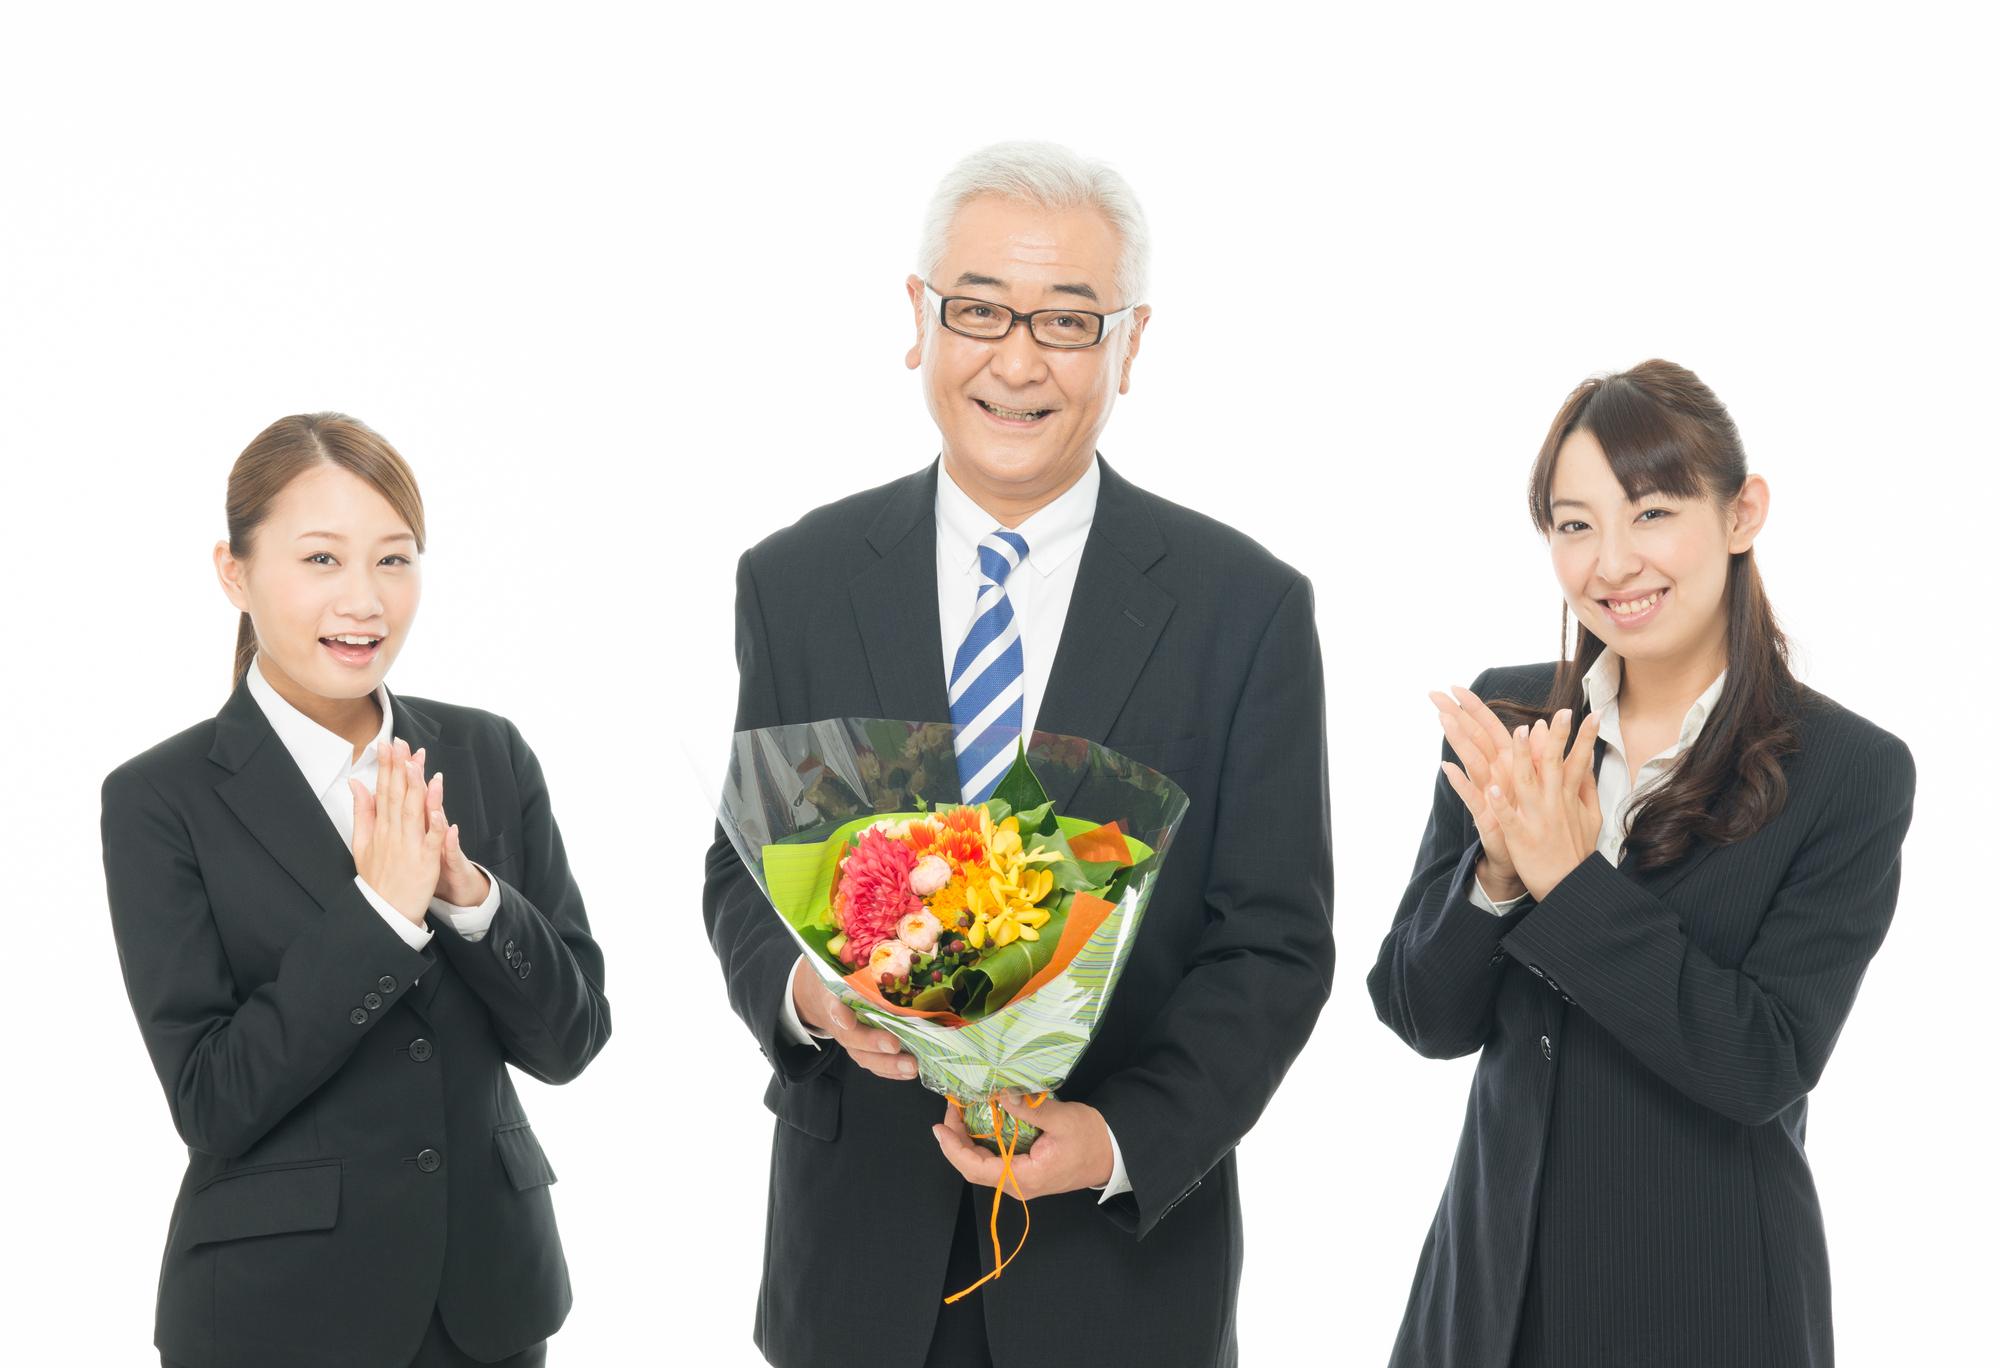 男性への退職祝いの選び方のポイントとは?